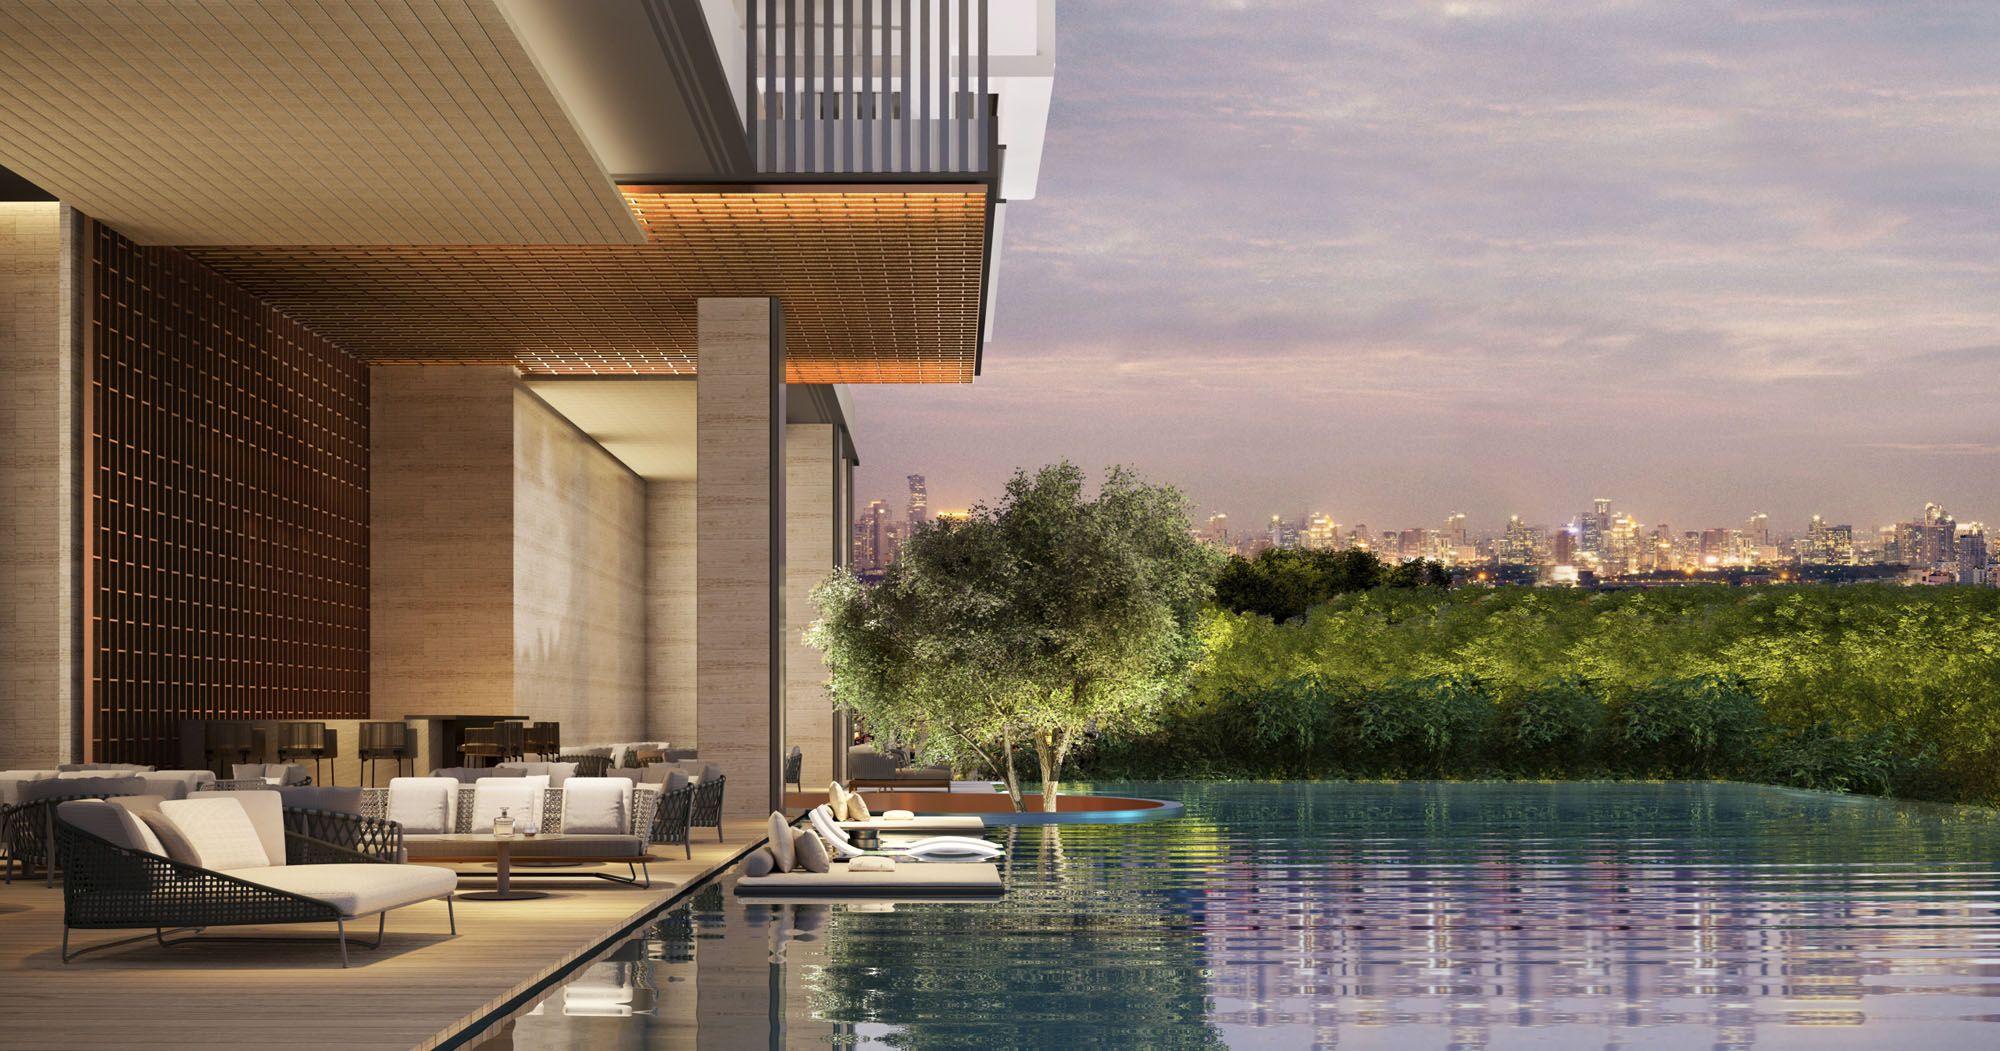 Aman Nai Lert Bangkok, Thailand - Hotel Pool render